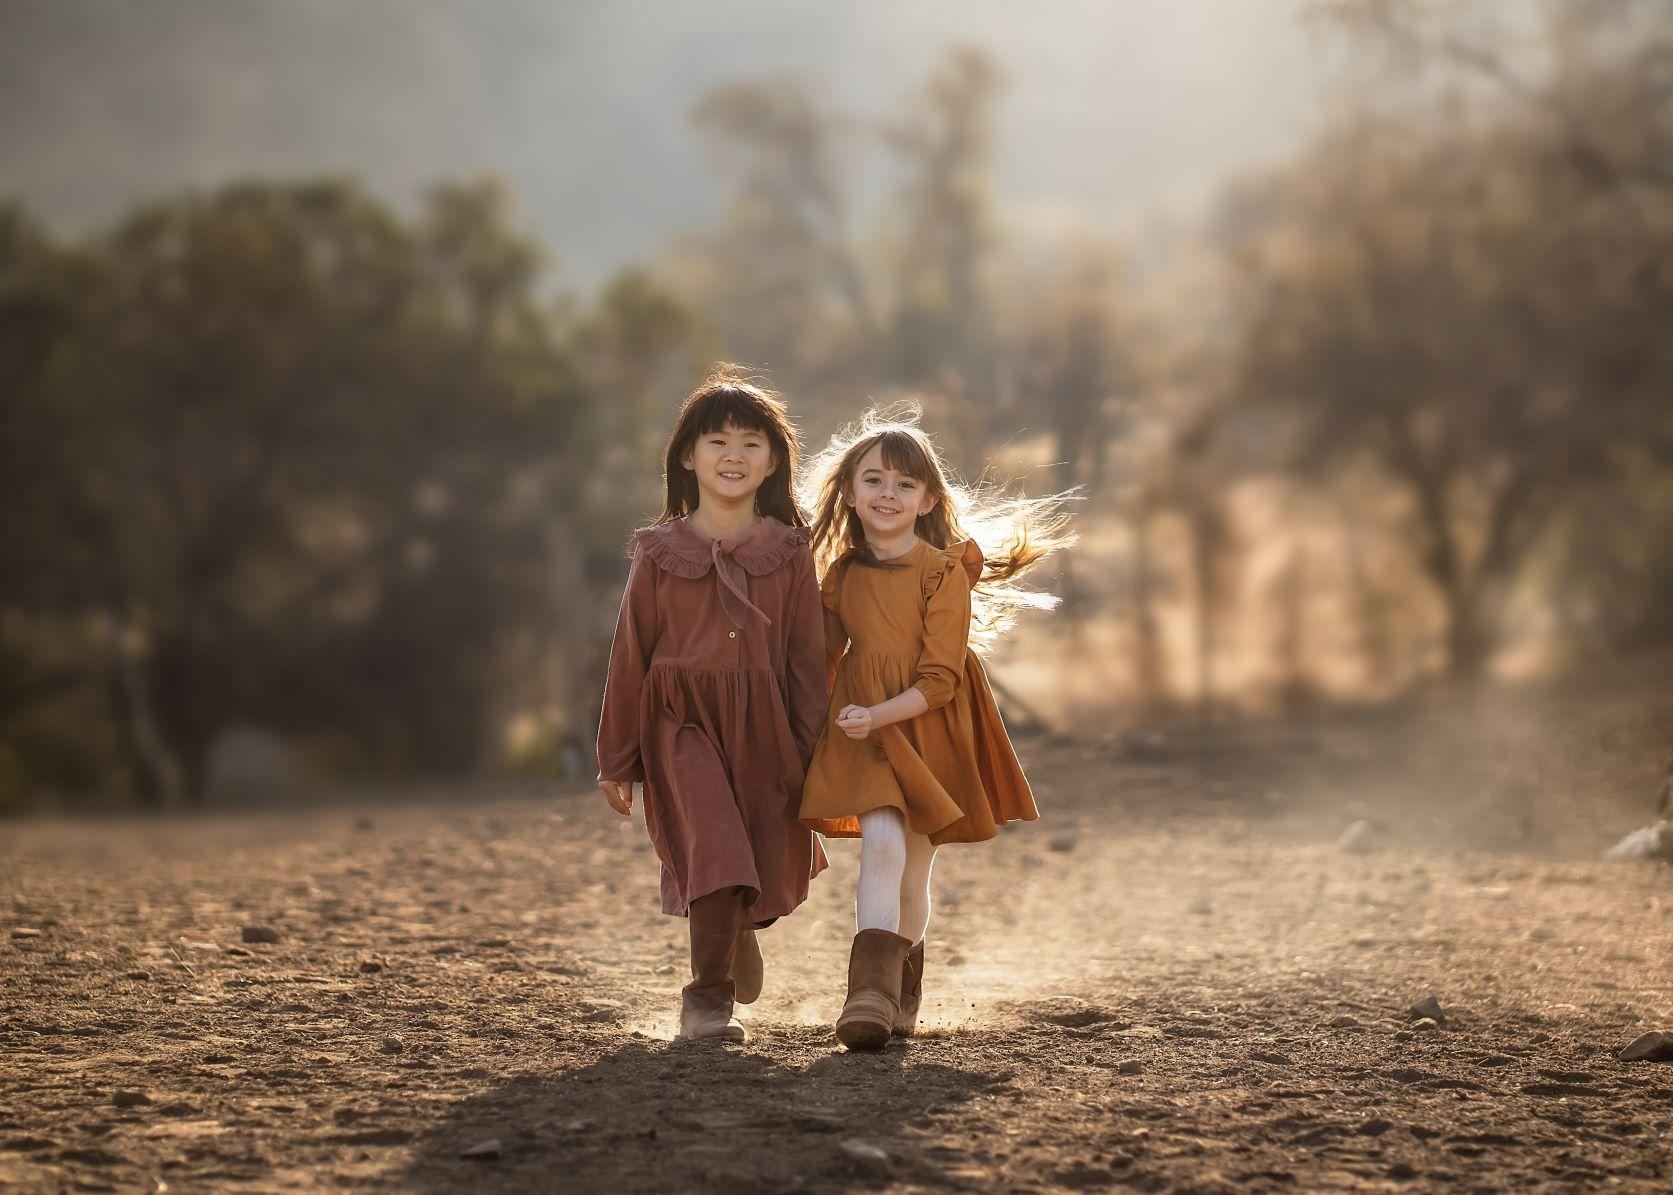 Fotografía de Retrato Infantil por Bernardita Aguirre